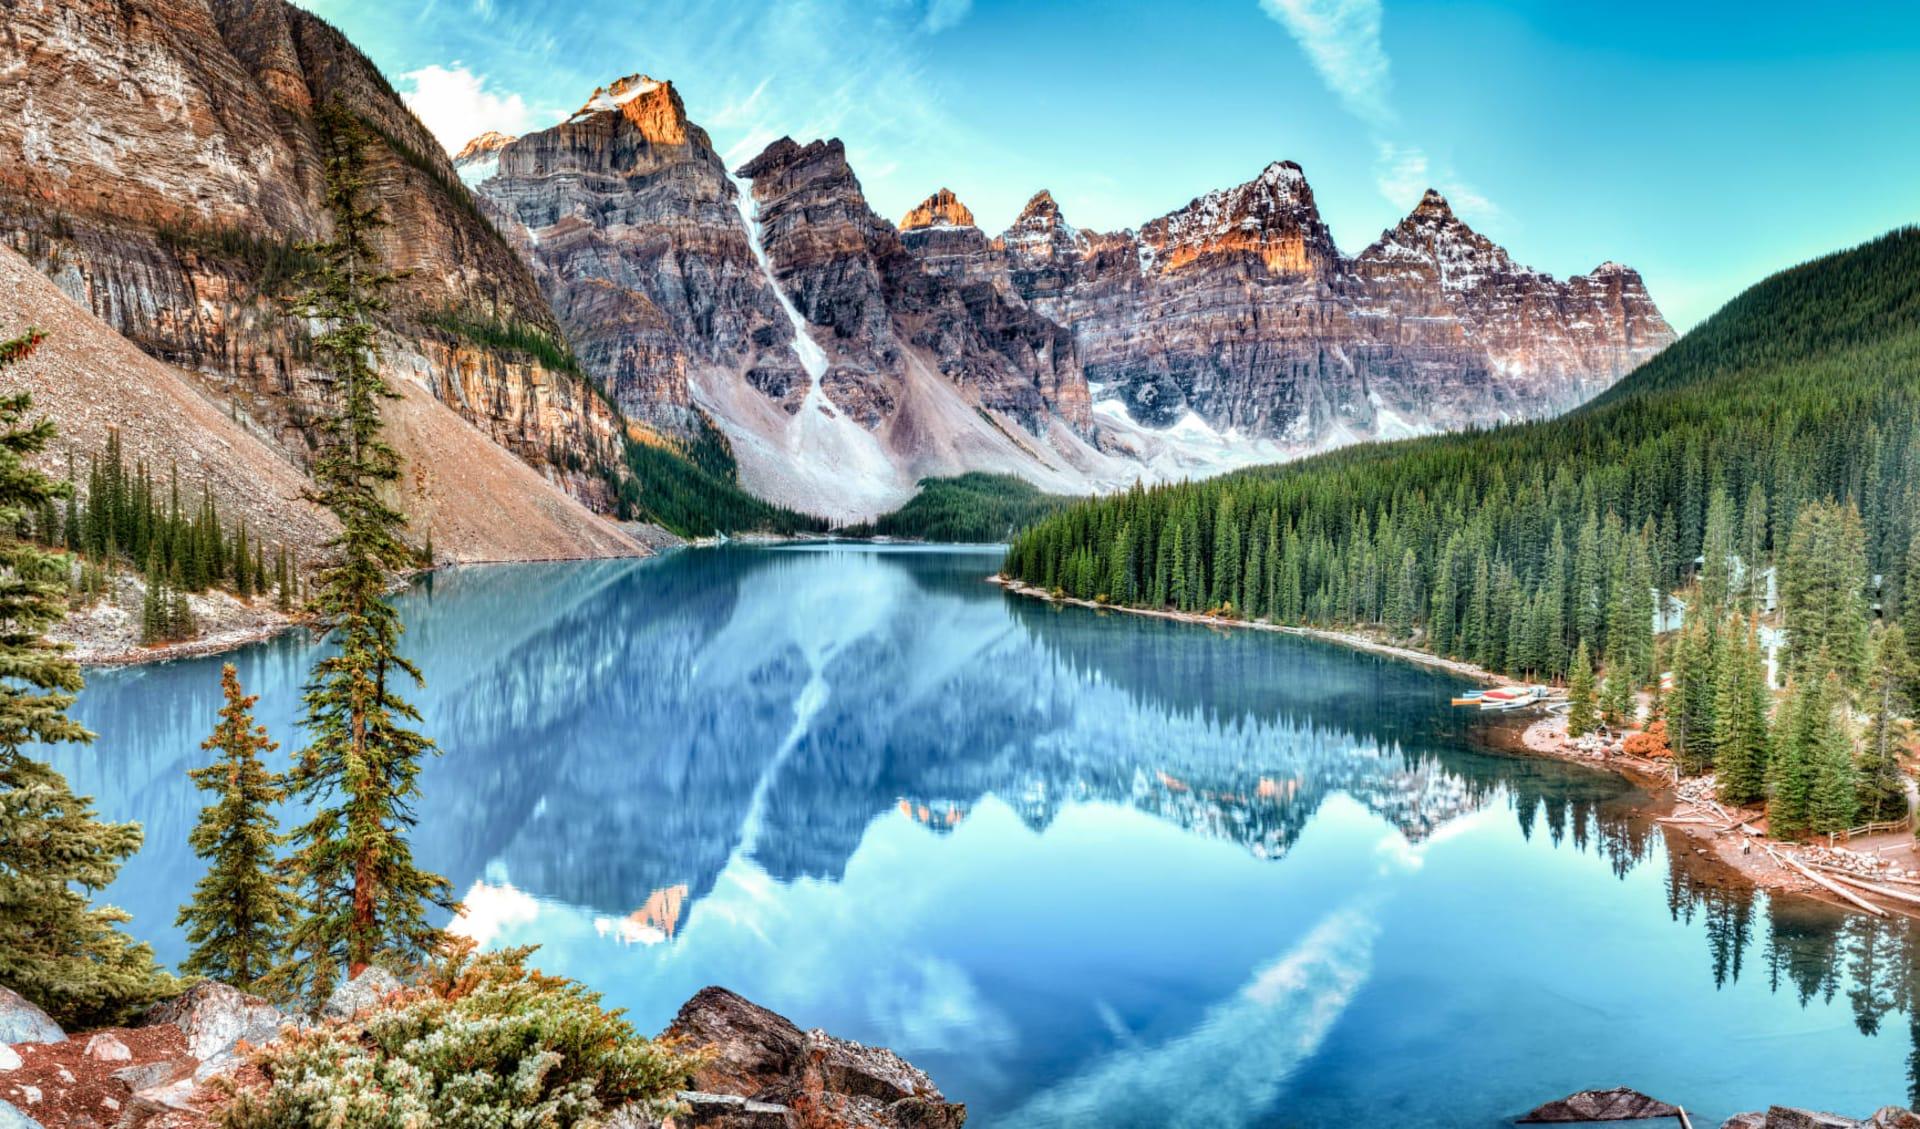 Lodge-Abenteuer Westkanada ab Calgary: Kanada - Banff Nationalpark - Bergsee